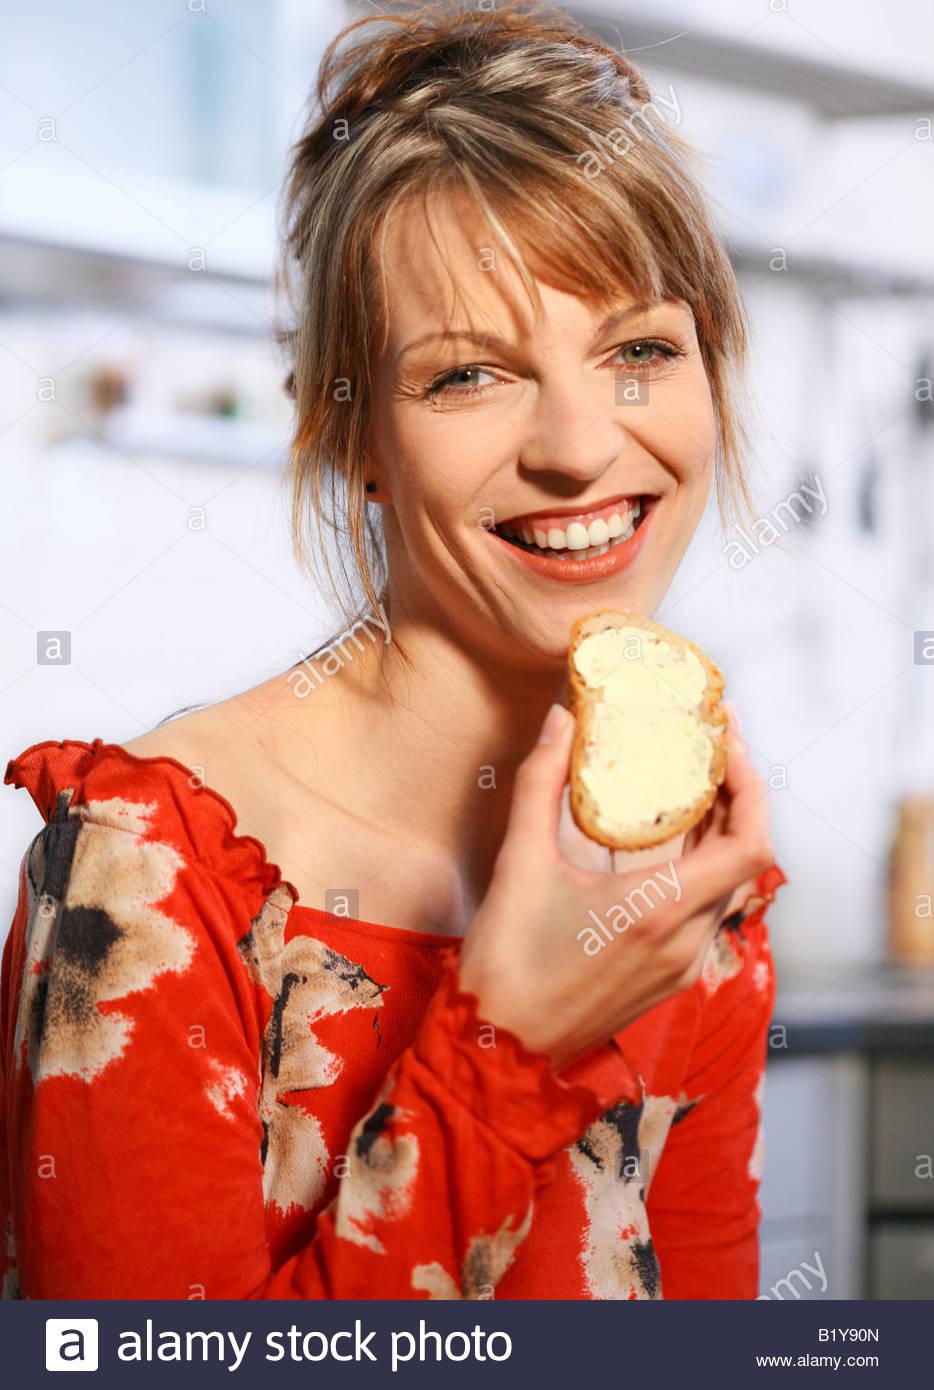 Frau Brot essen Stockbild